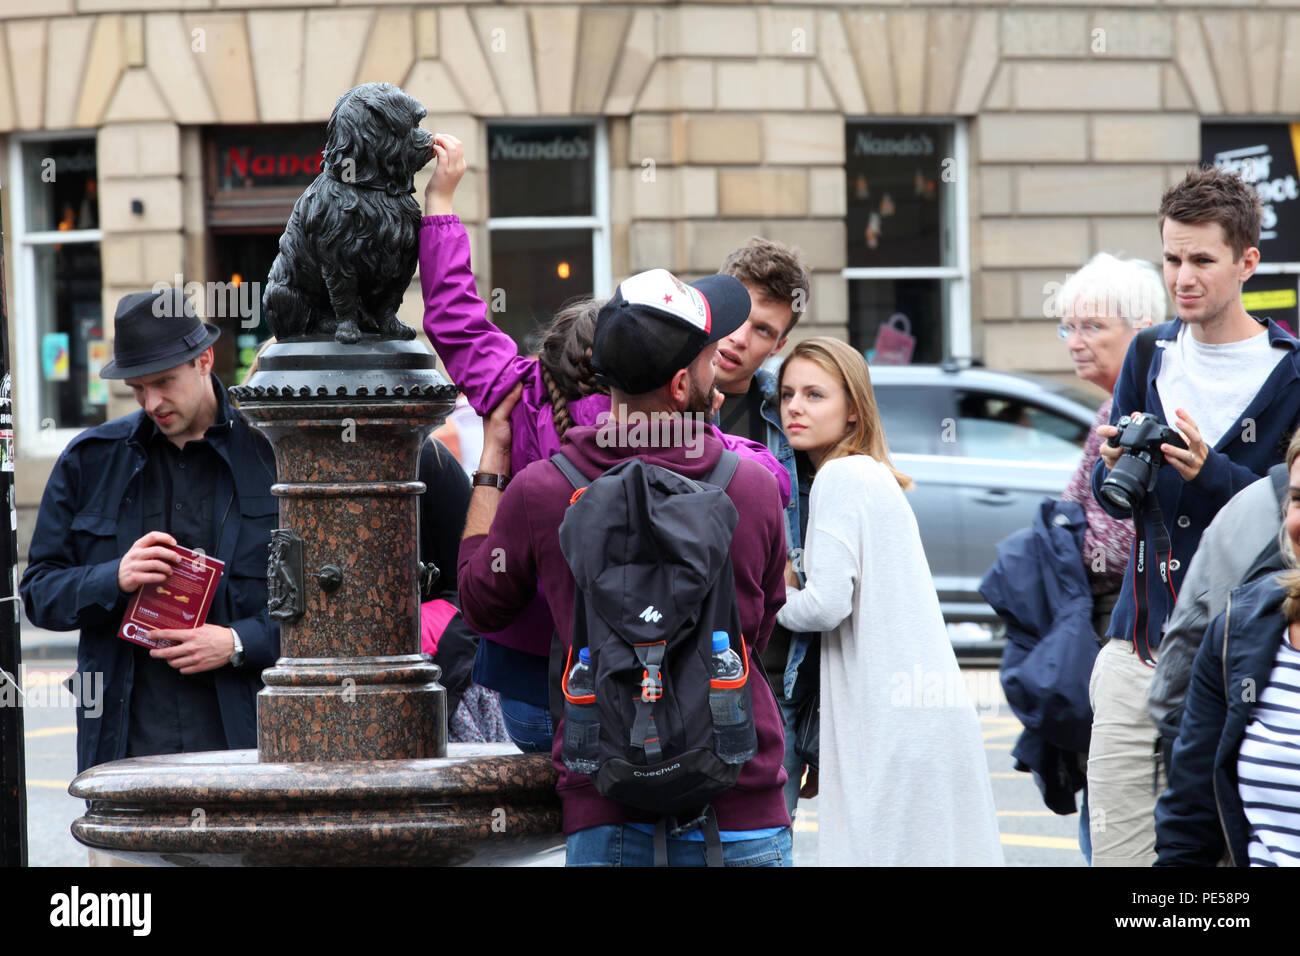 Un bambino è sollevato fino a toccare il naso sulla statua di Greyfriars Bobby in Edinburgh Immagini Stock